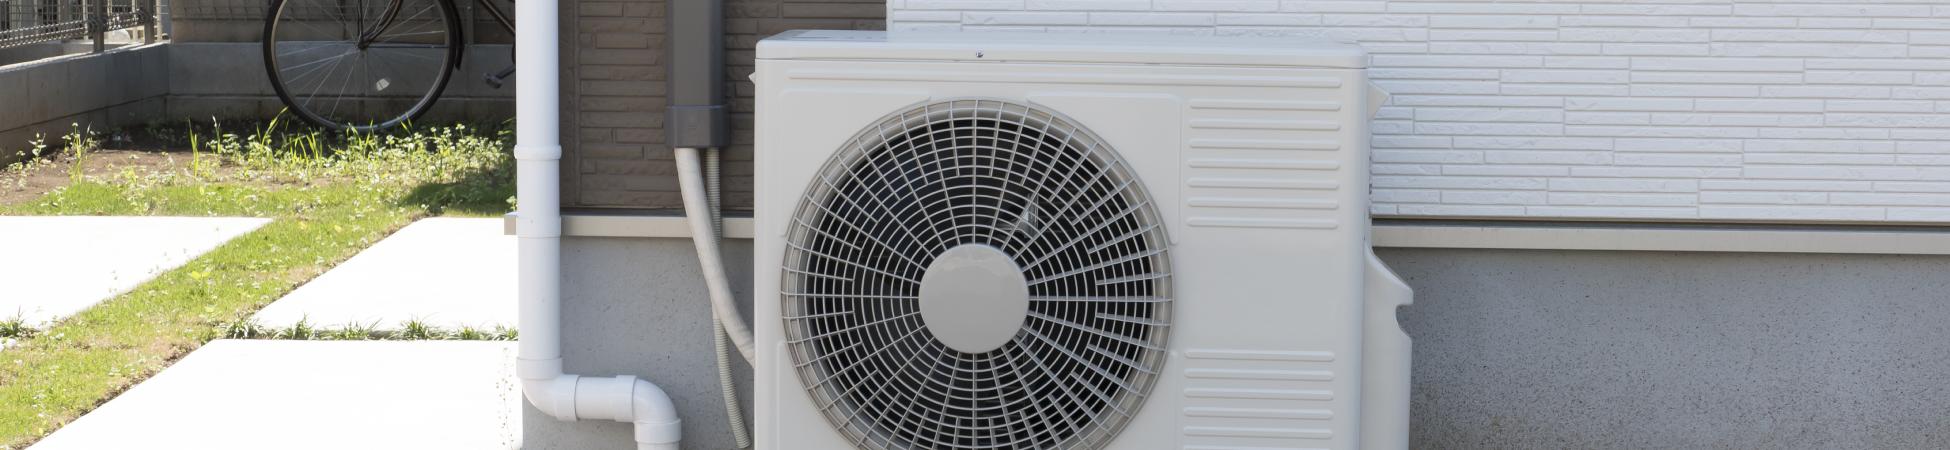 Pompe à chaleur air eau - 4 750€ de primes énergie